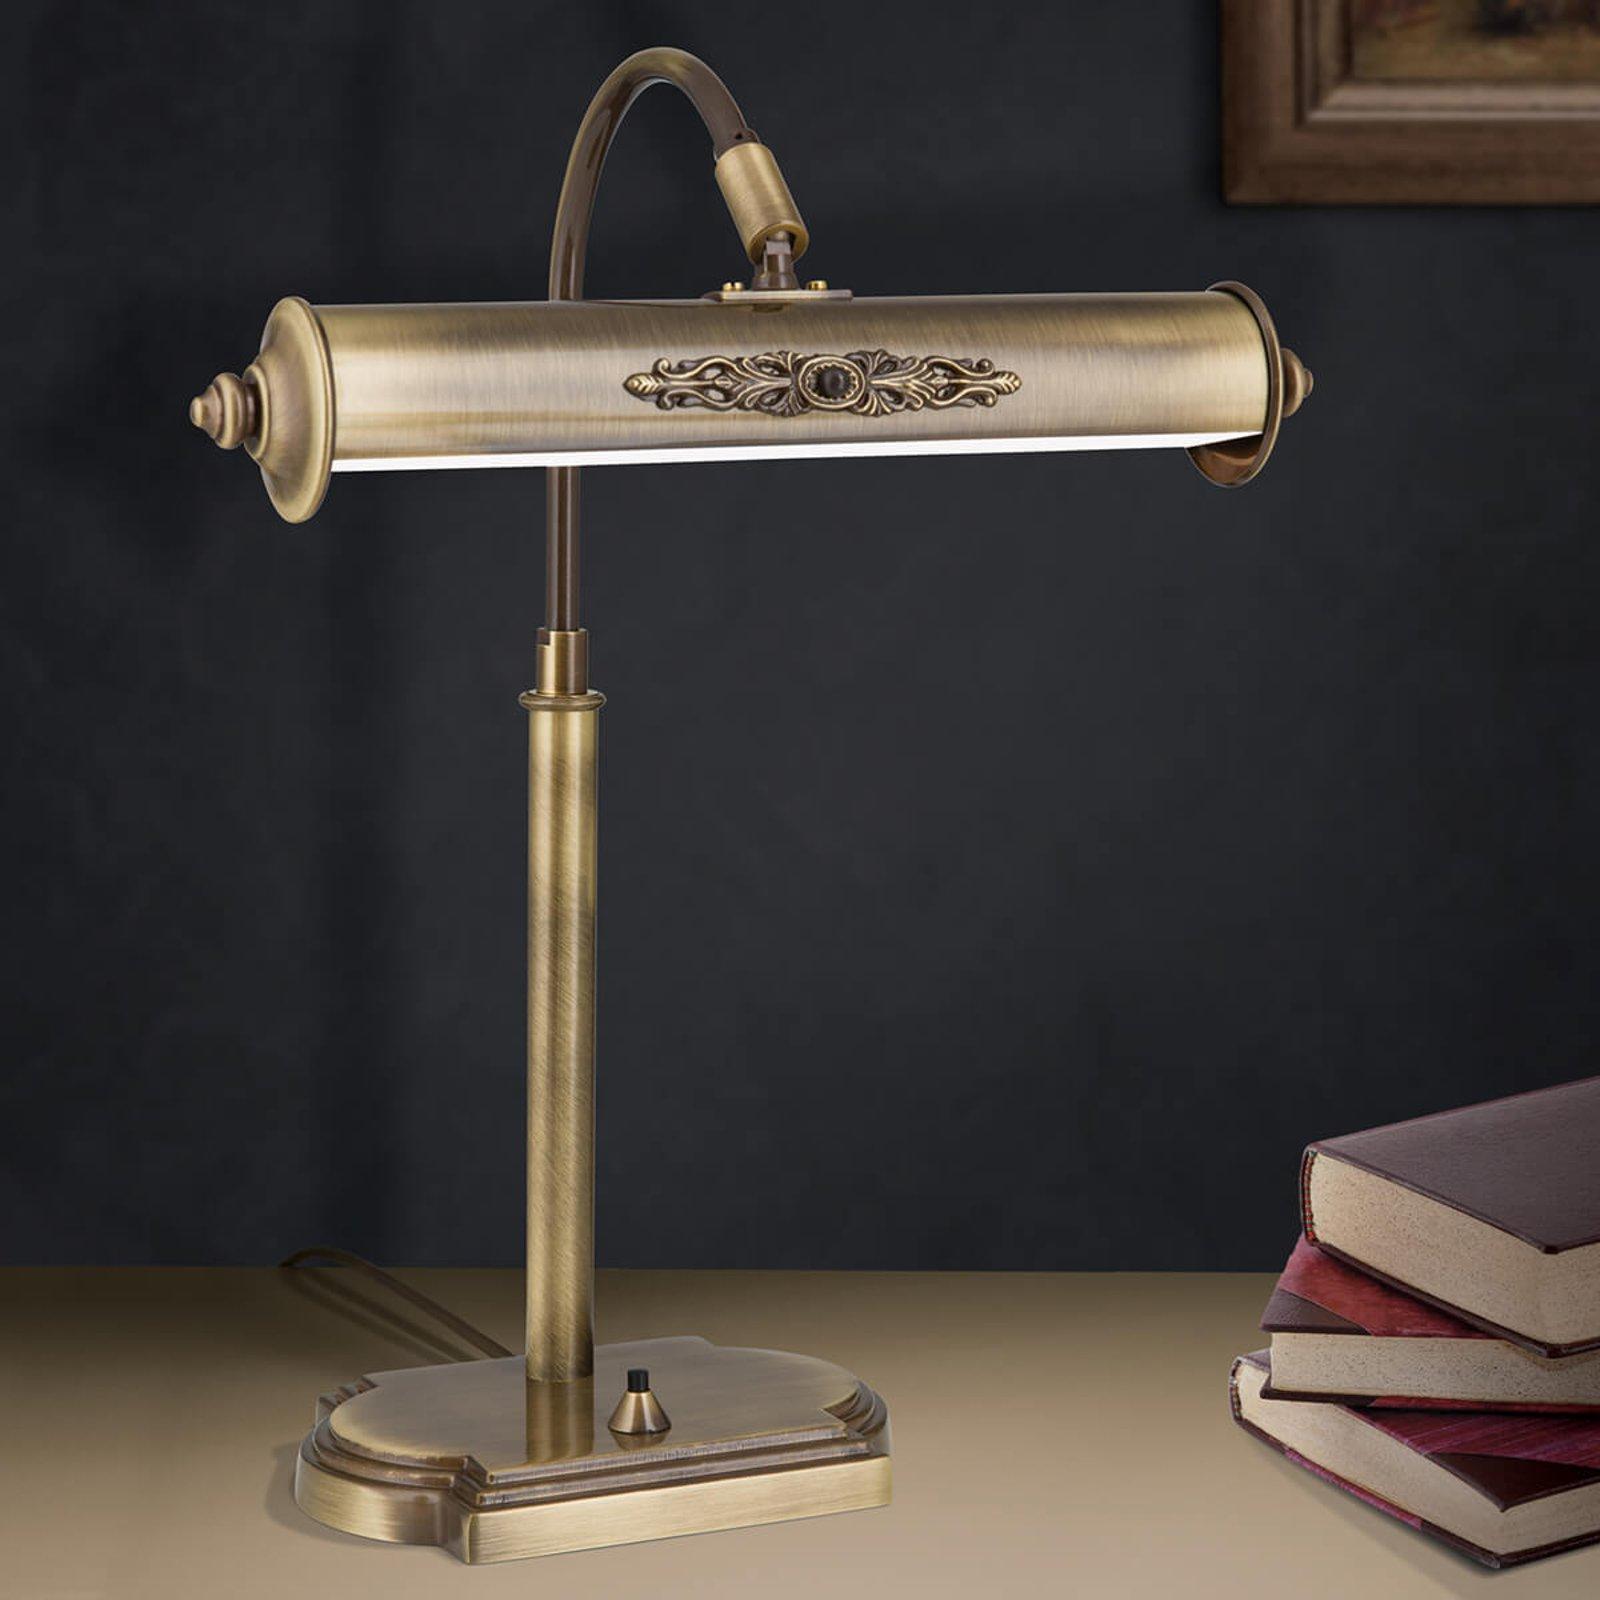 Skrivebordslampe Picture i antikk messing